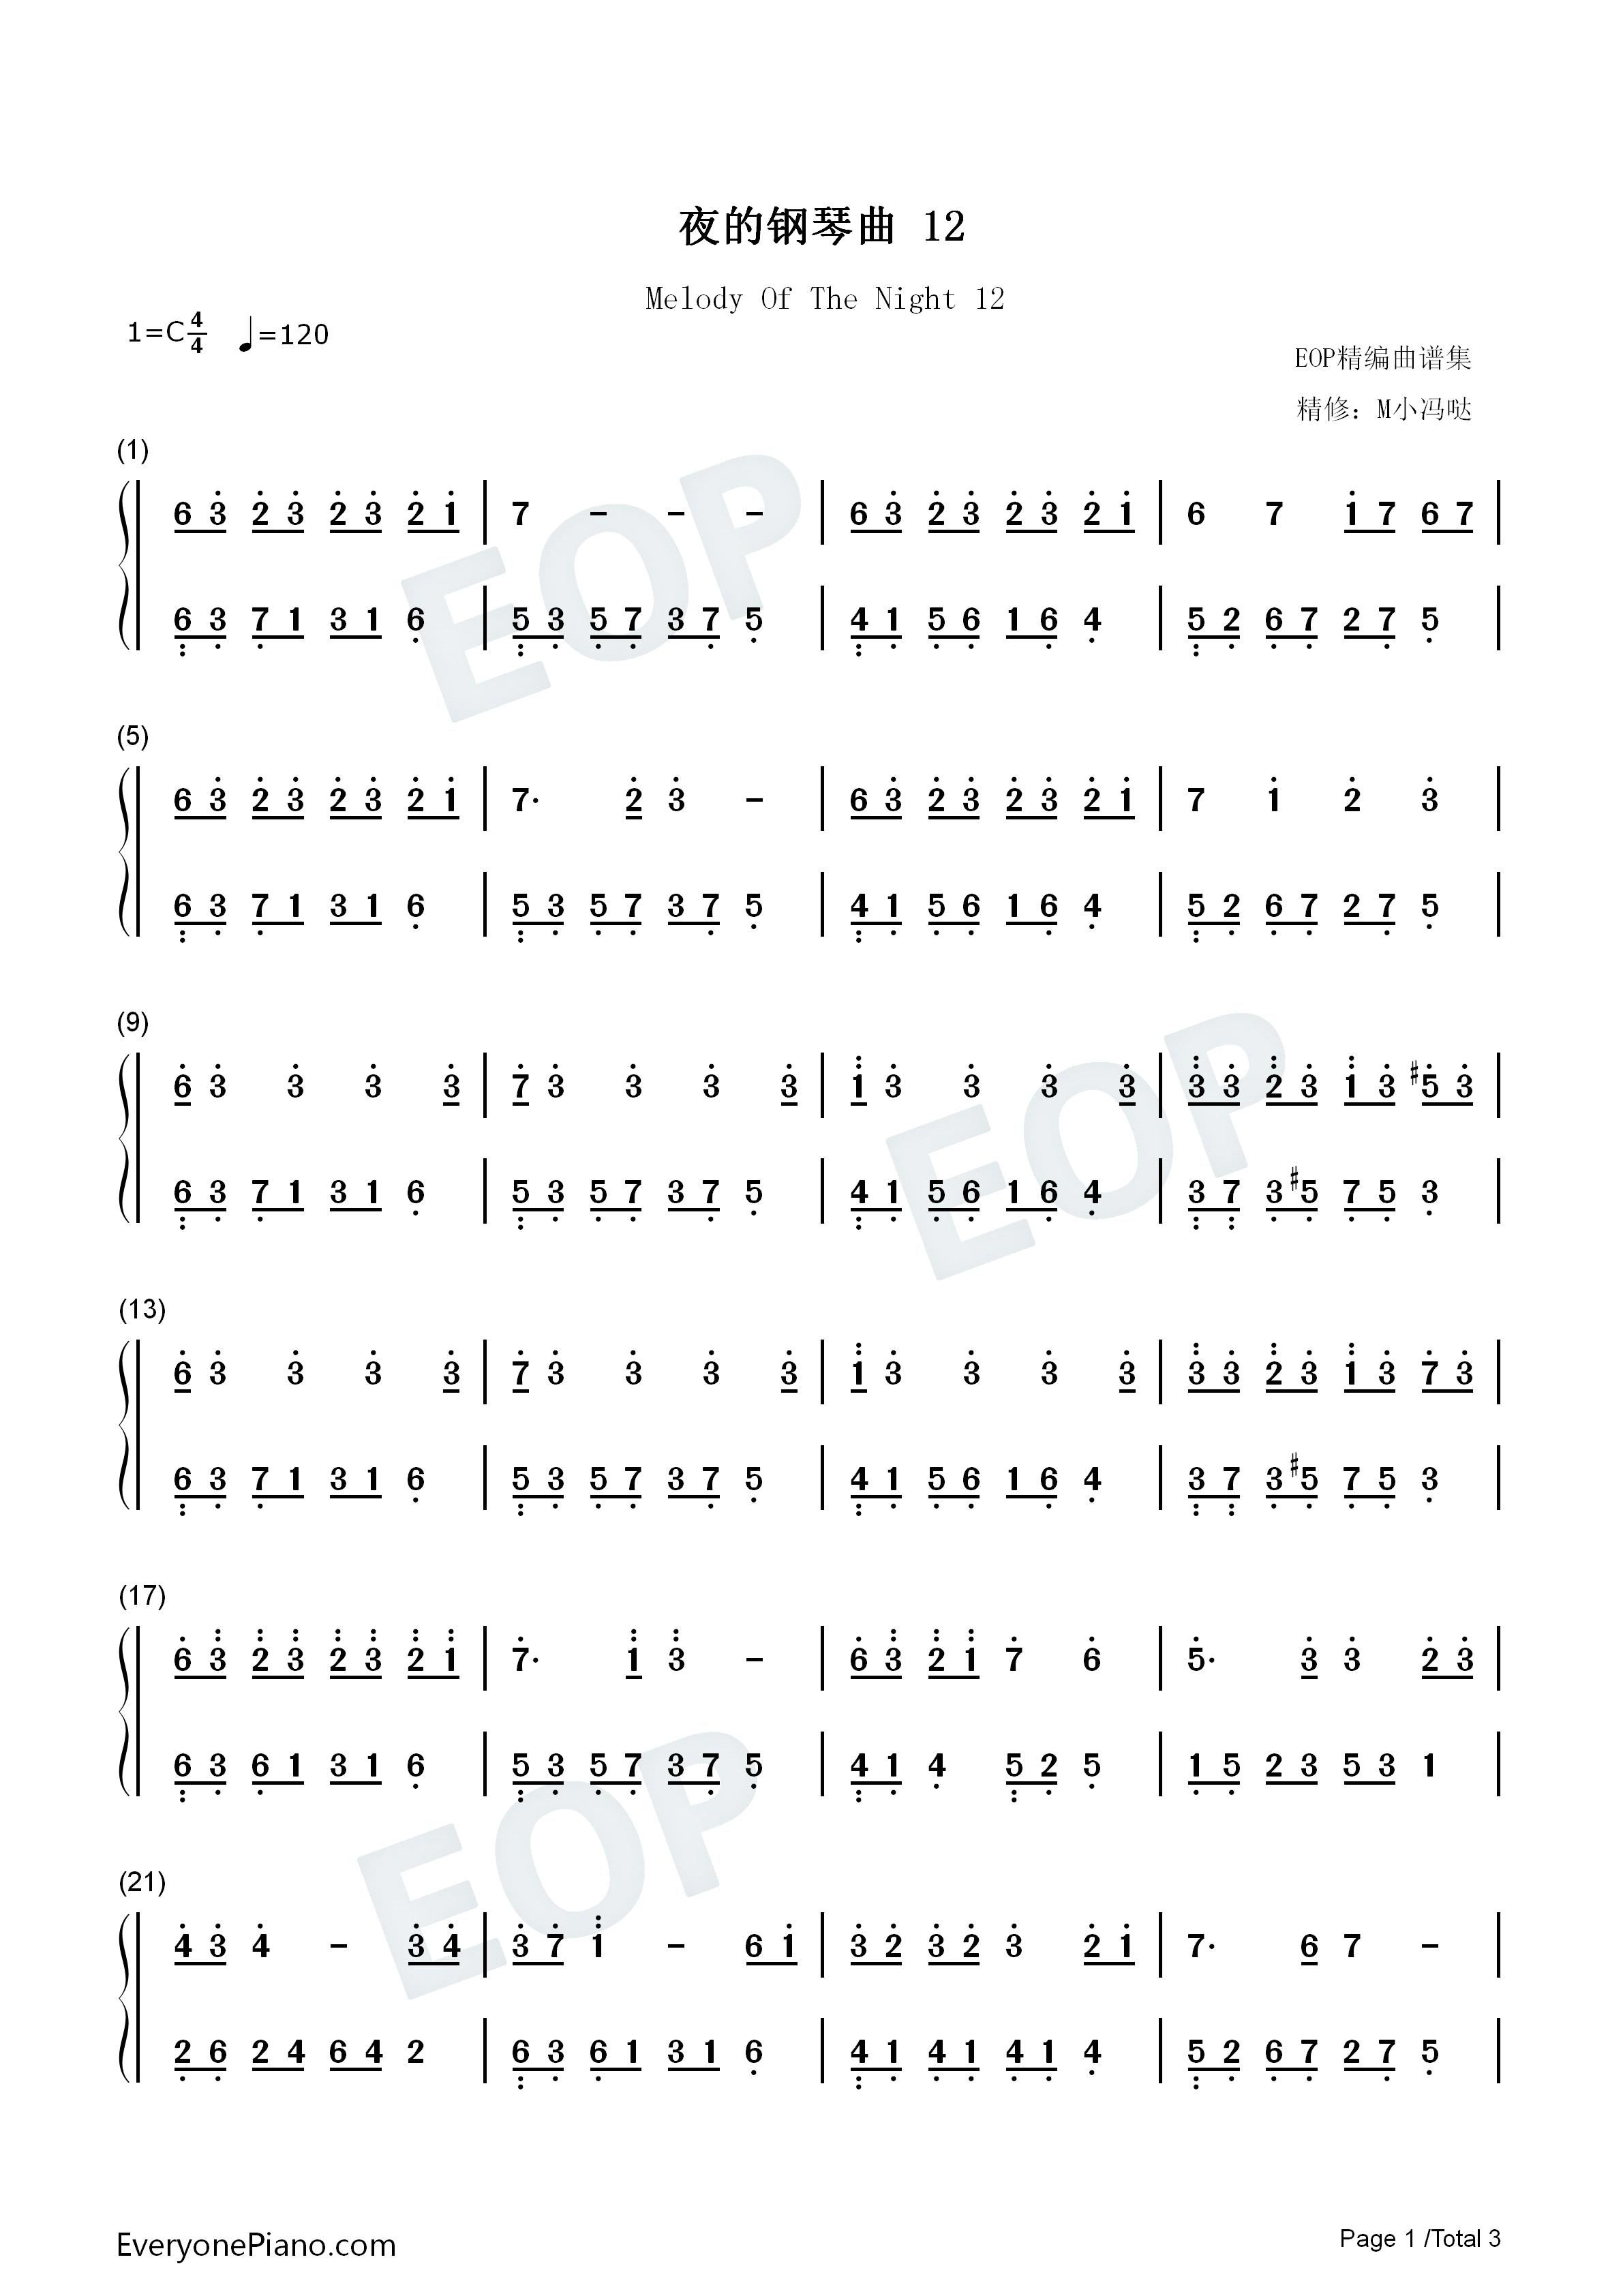 钢琴曲谱 轻音乐 夜的钢琴曲 12-石进 夜的钢琴曲 12-石进双手简谱